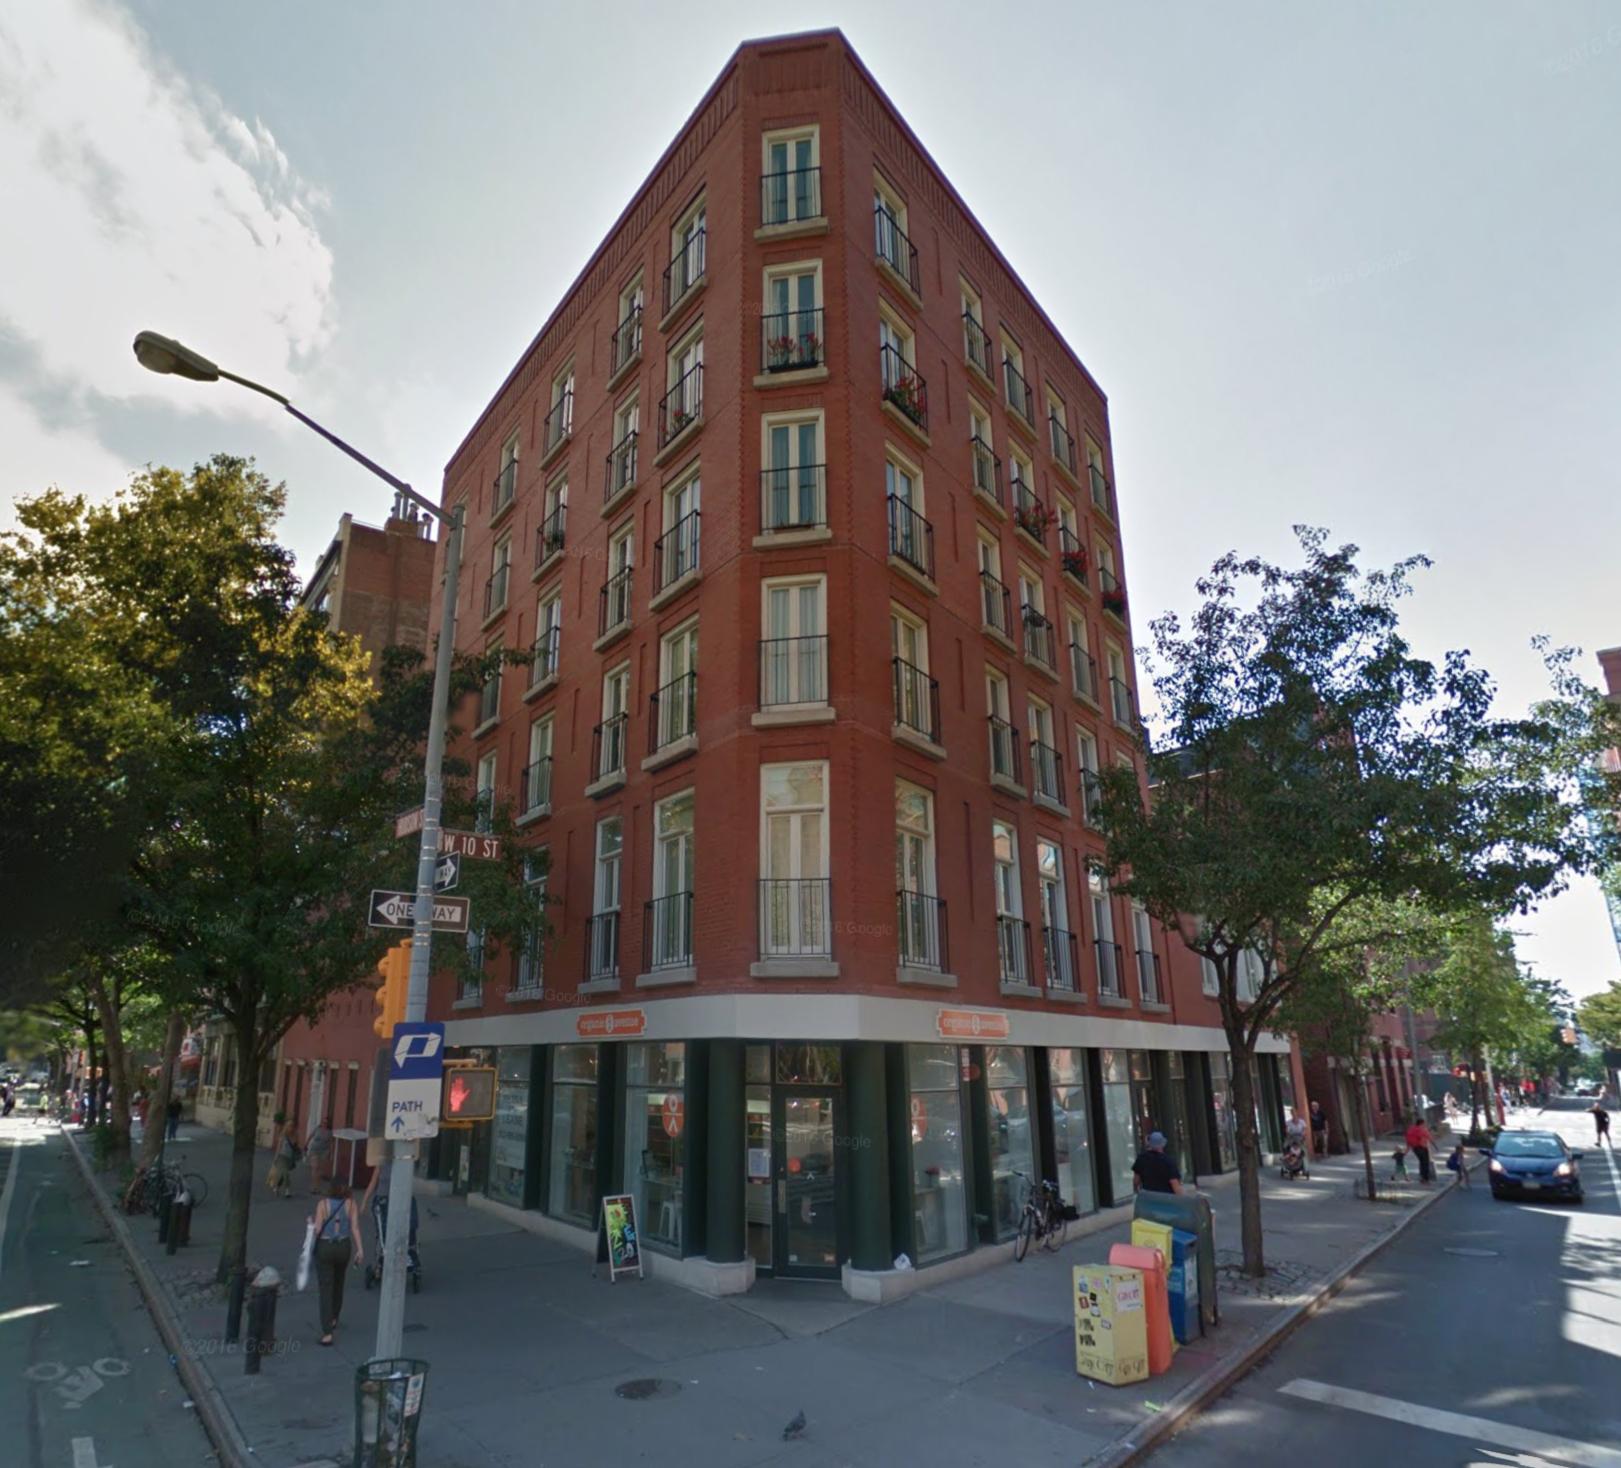 513 Hudson Street in September of 2016. Via Google Maps.